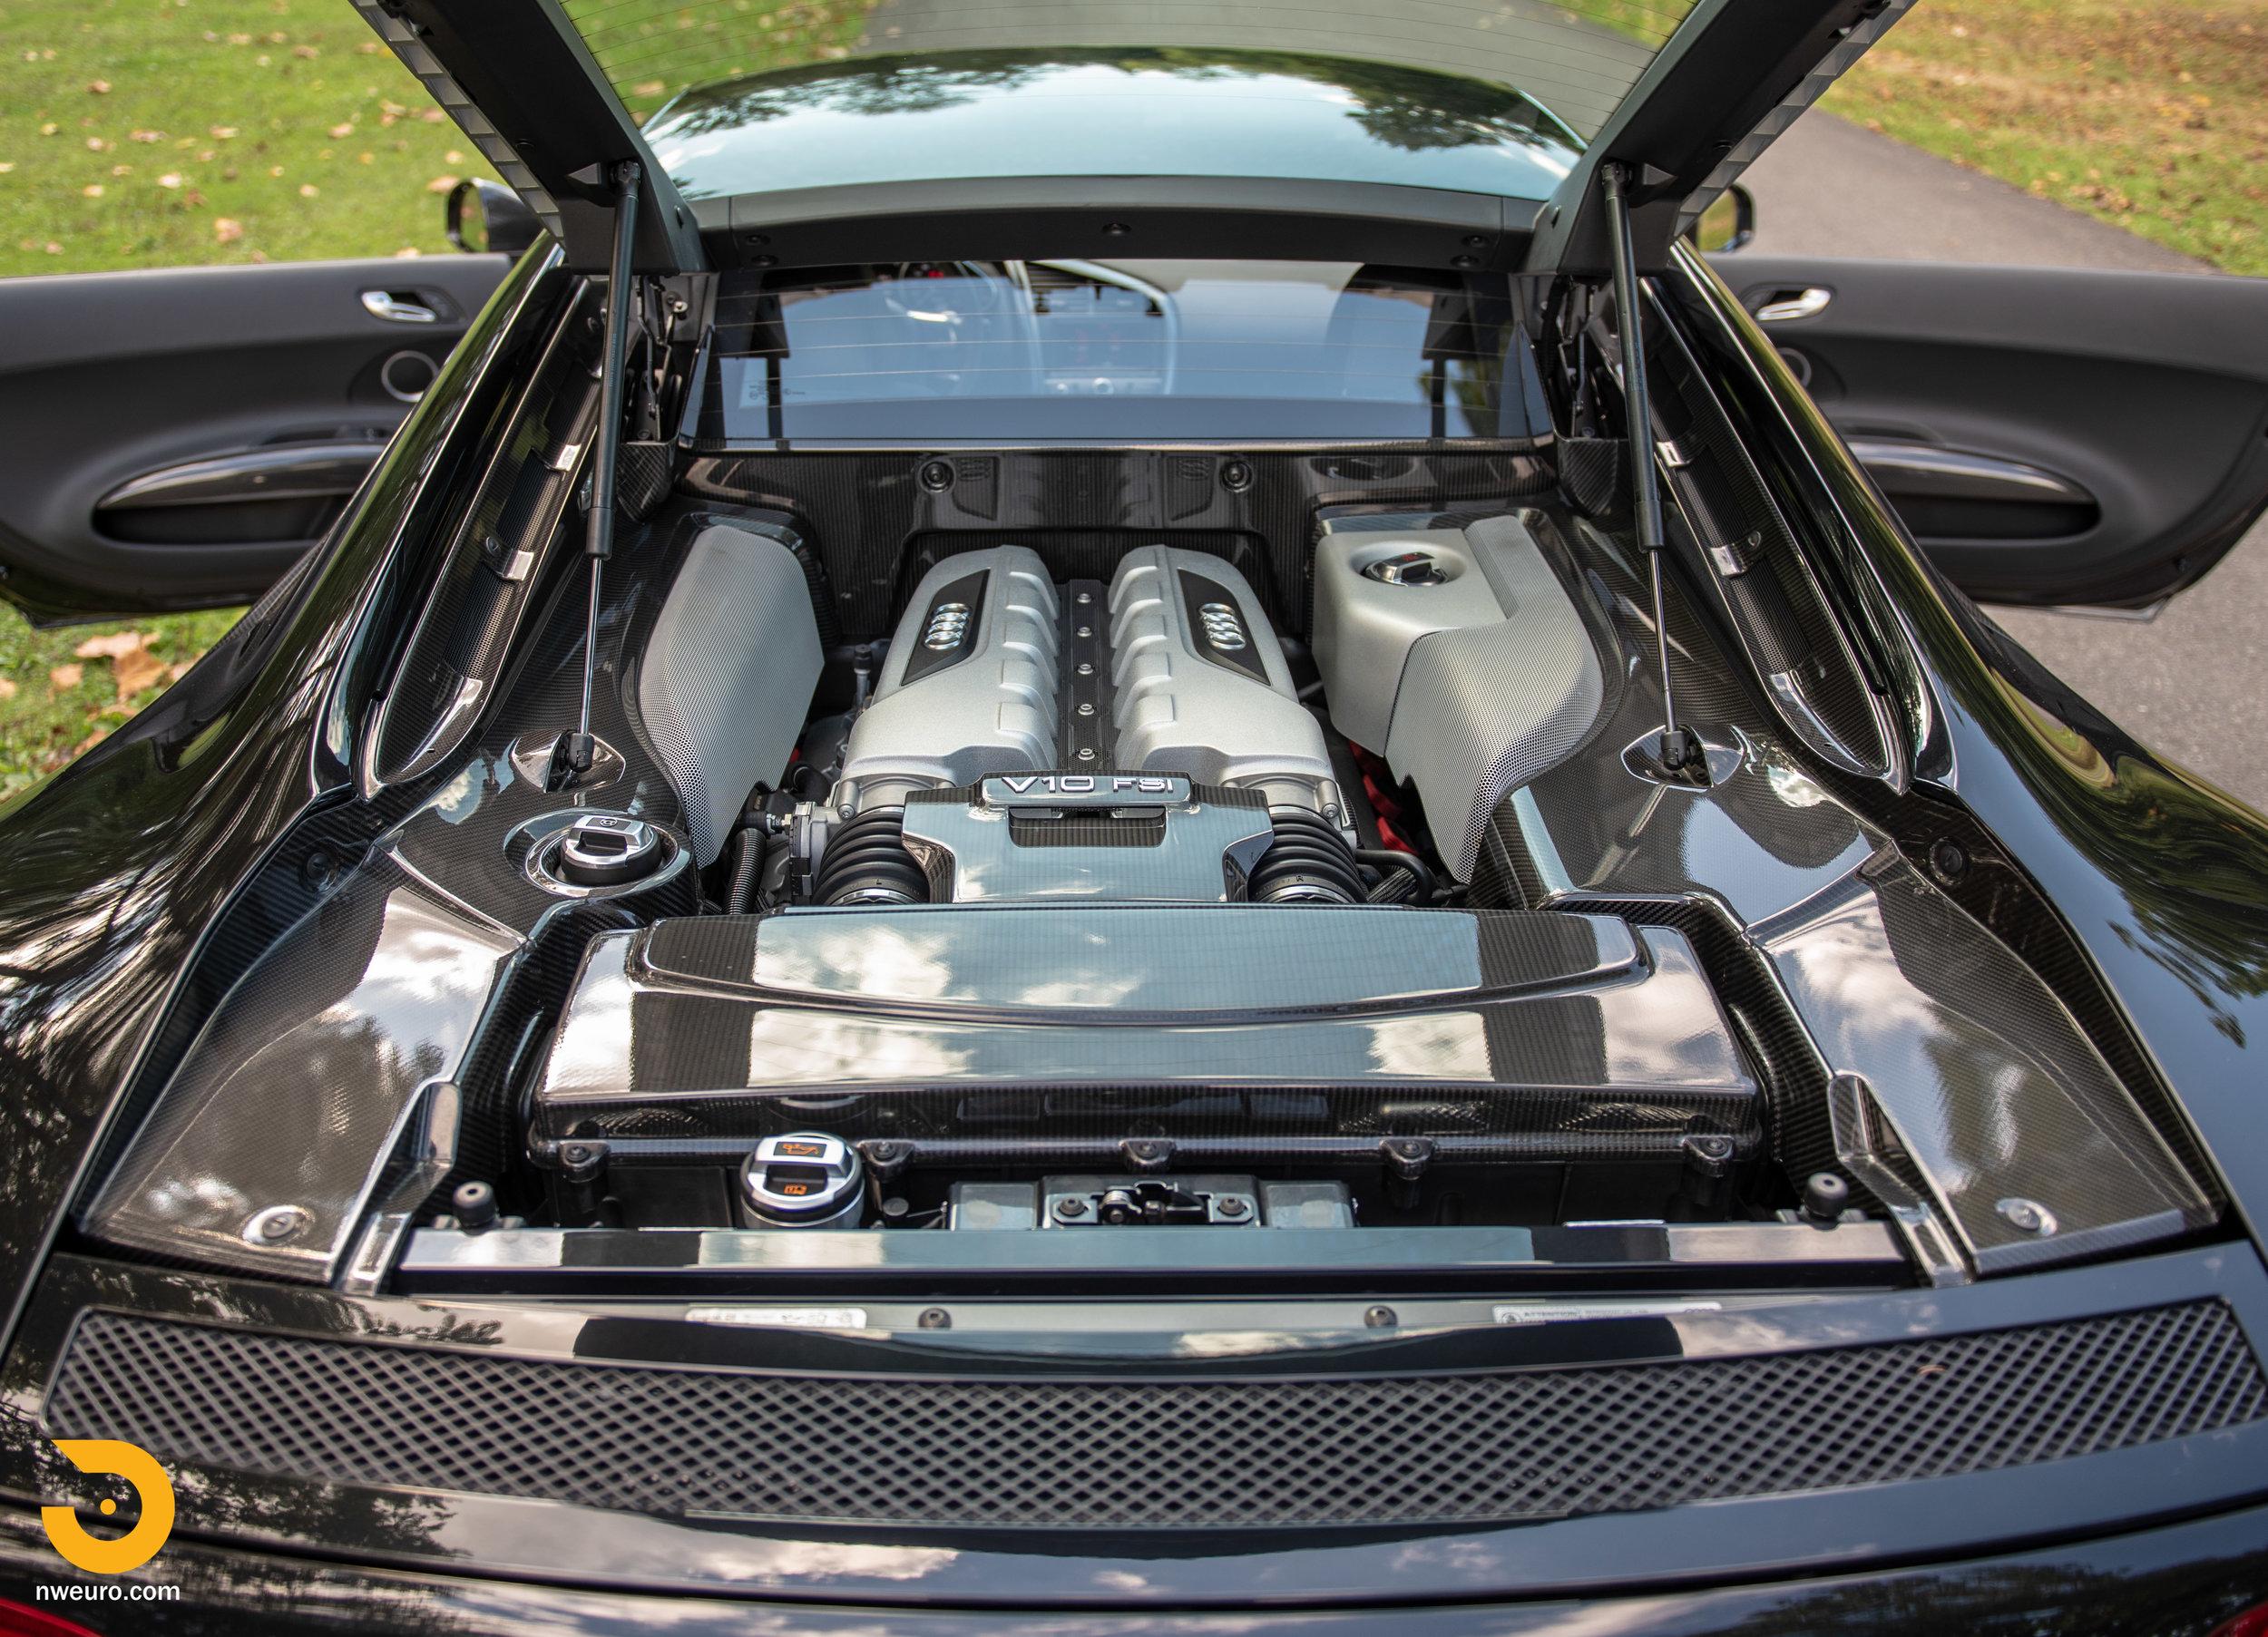 2010 Audi R8 V10-25.jpg